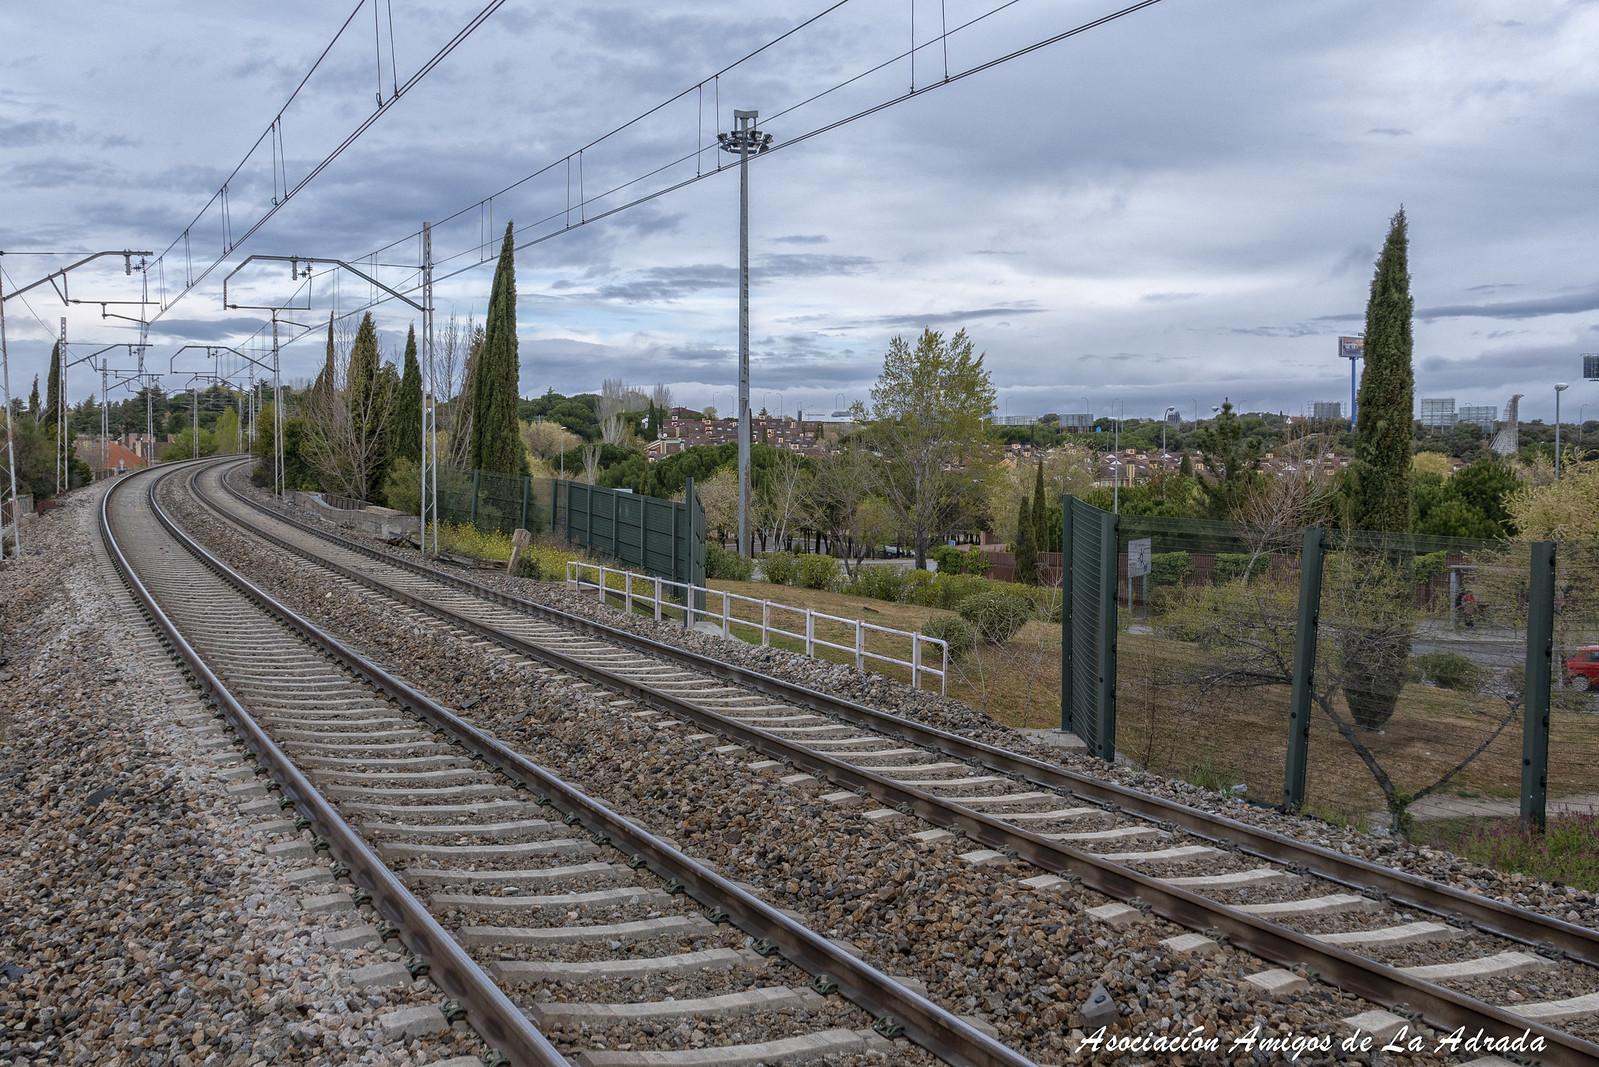 El tren Felipe II siguiendo el trayecto a El Escorial